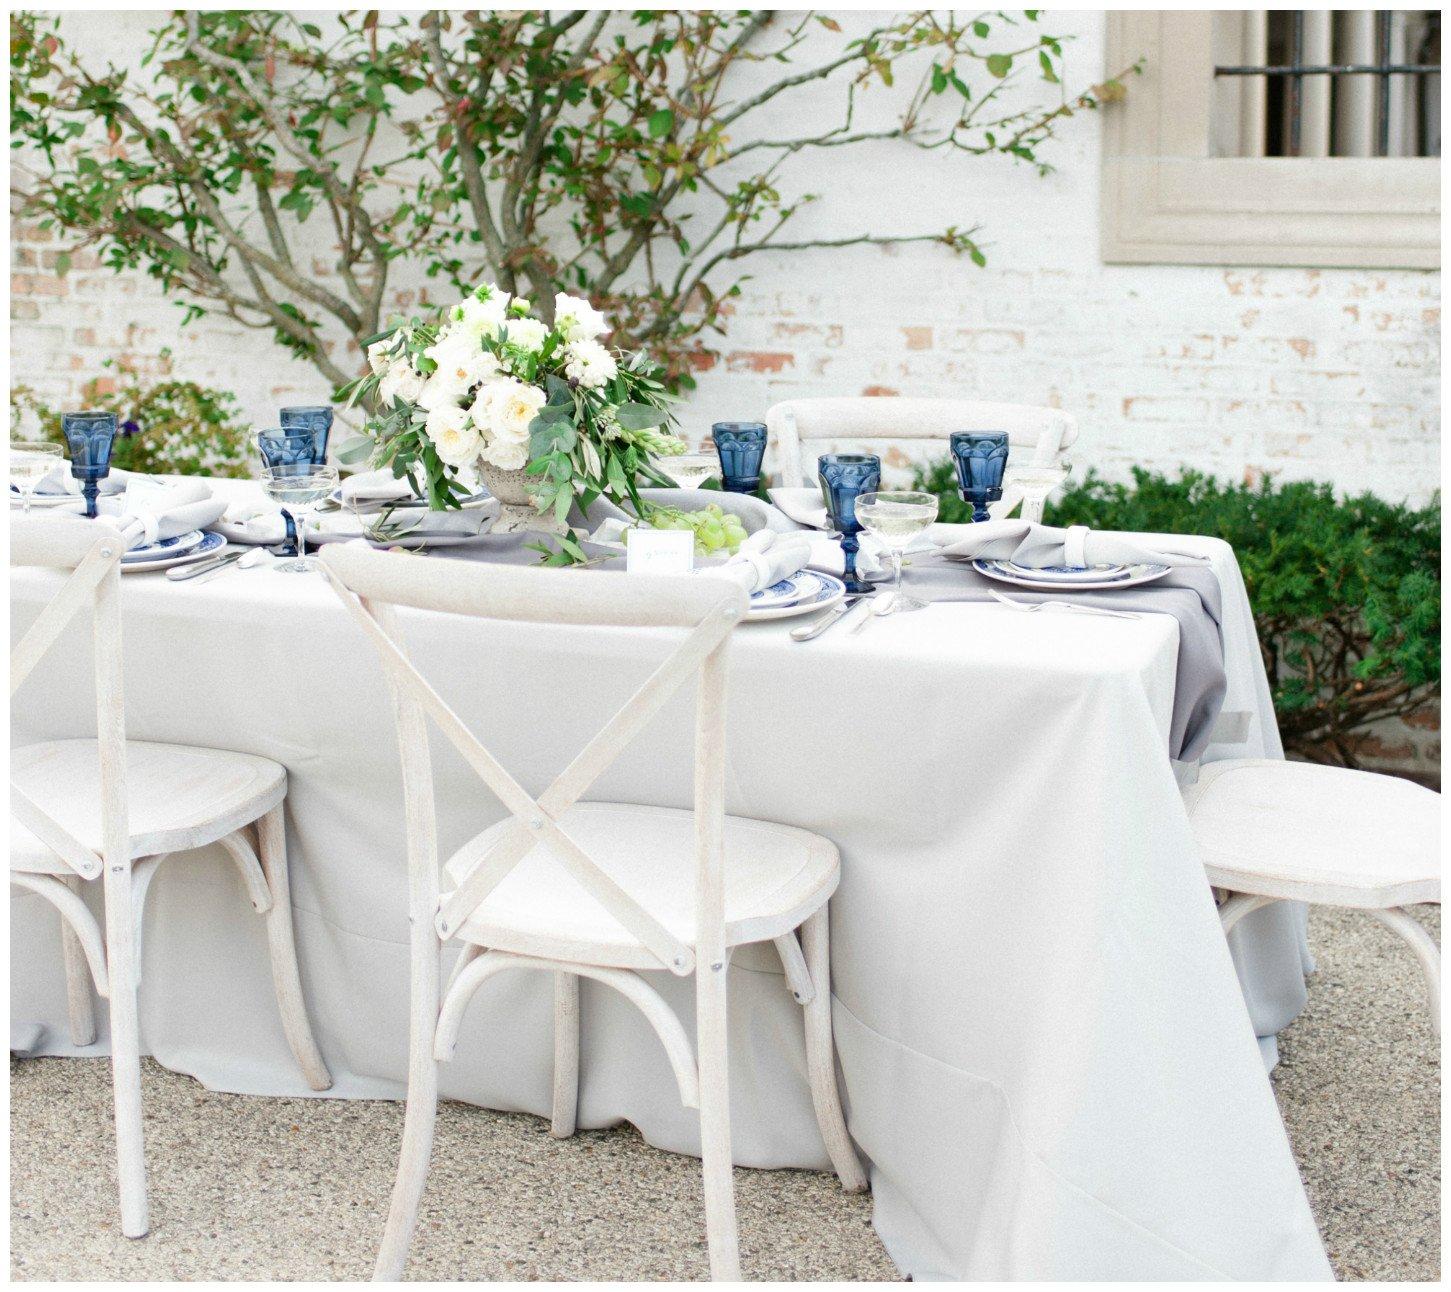 Silver Duet Table Linen with Indigo Glassware Wedding Decor | BBJ Linen